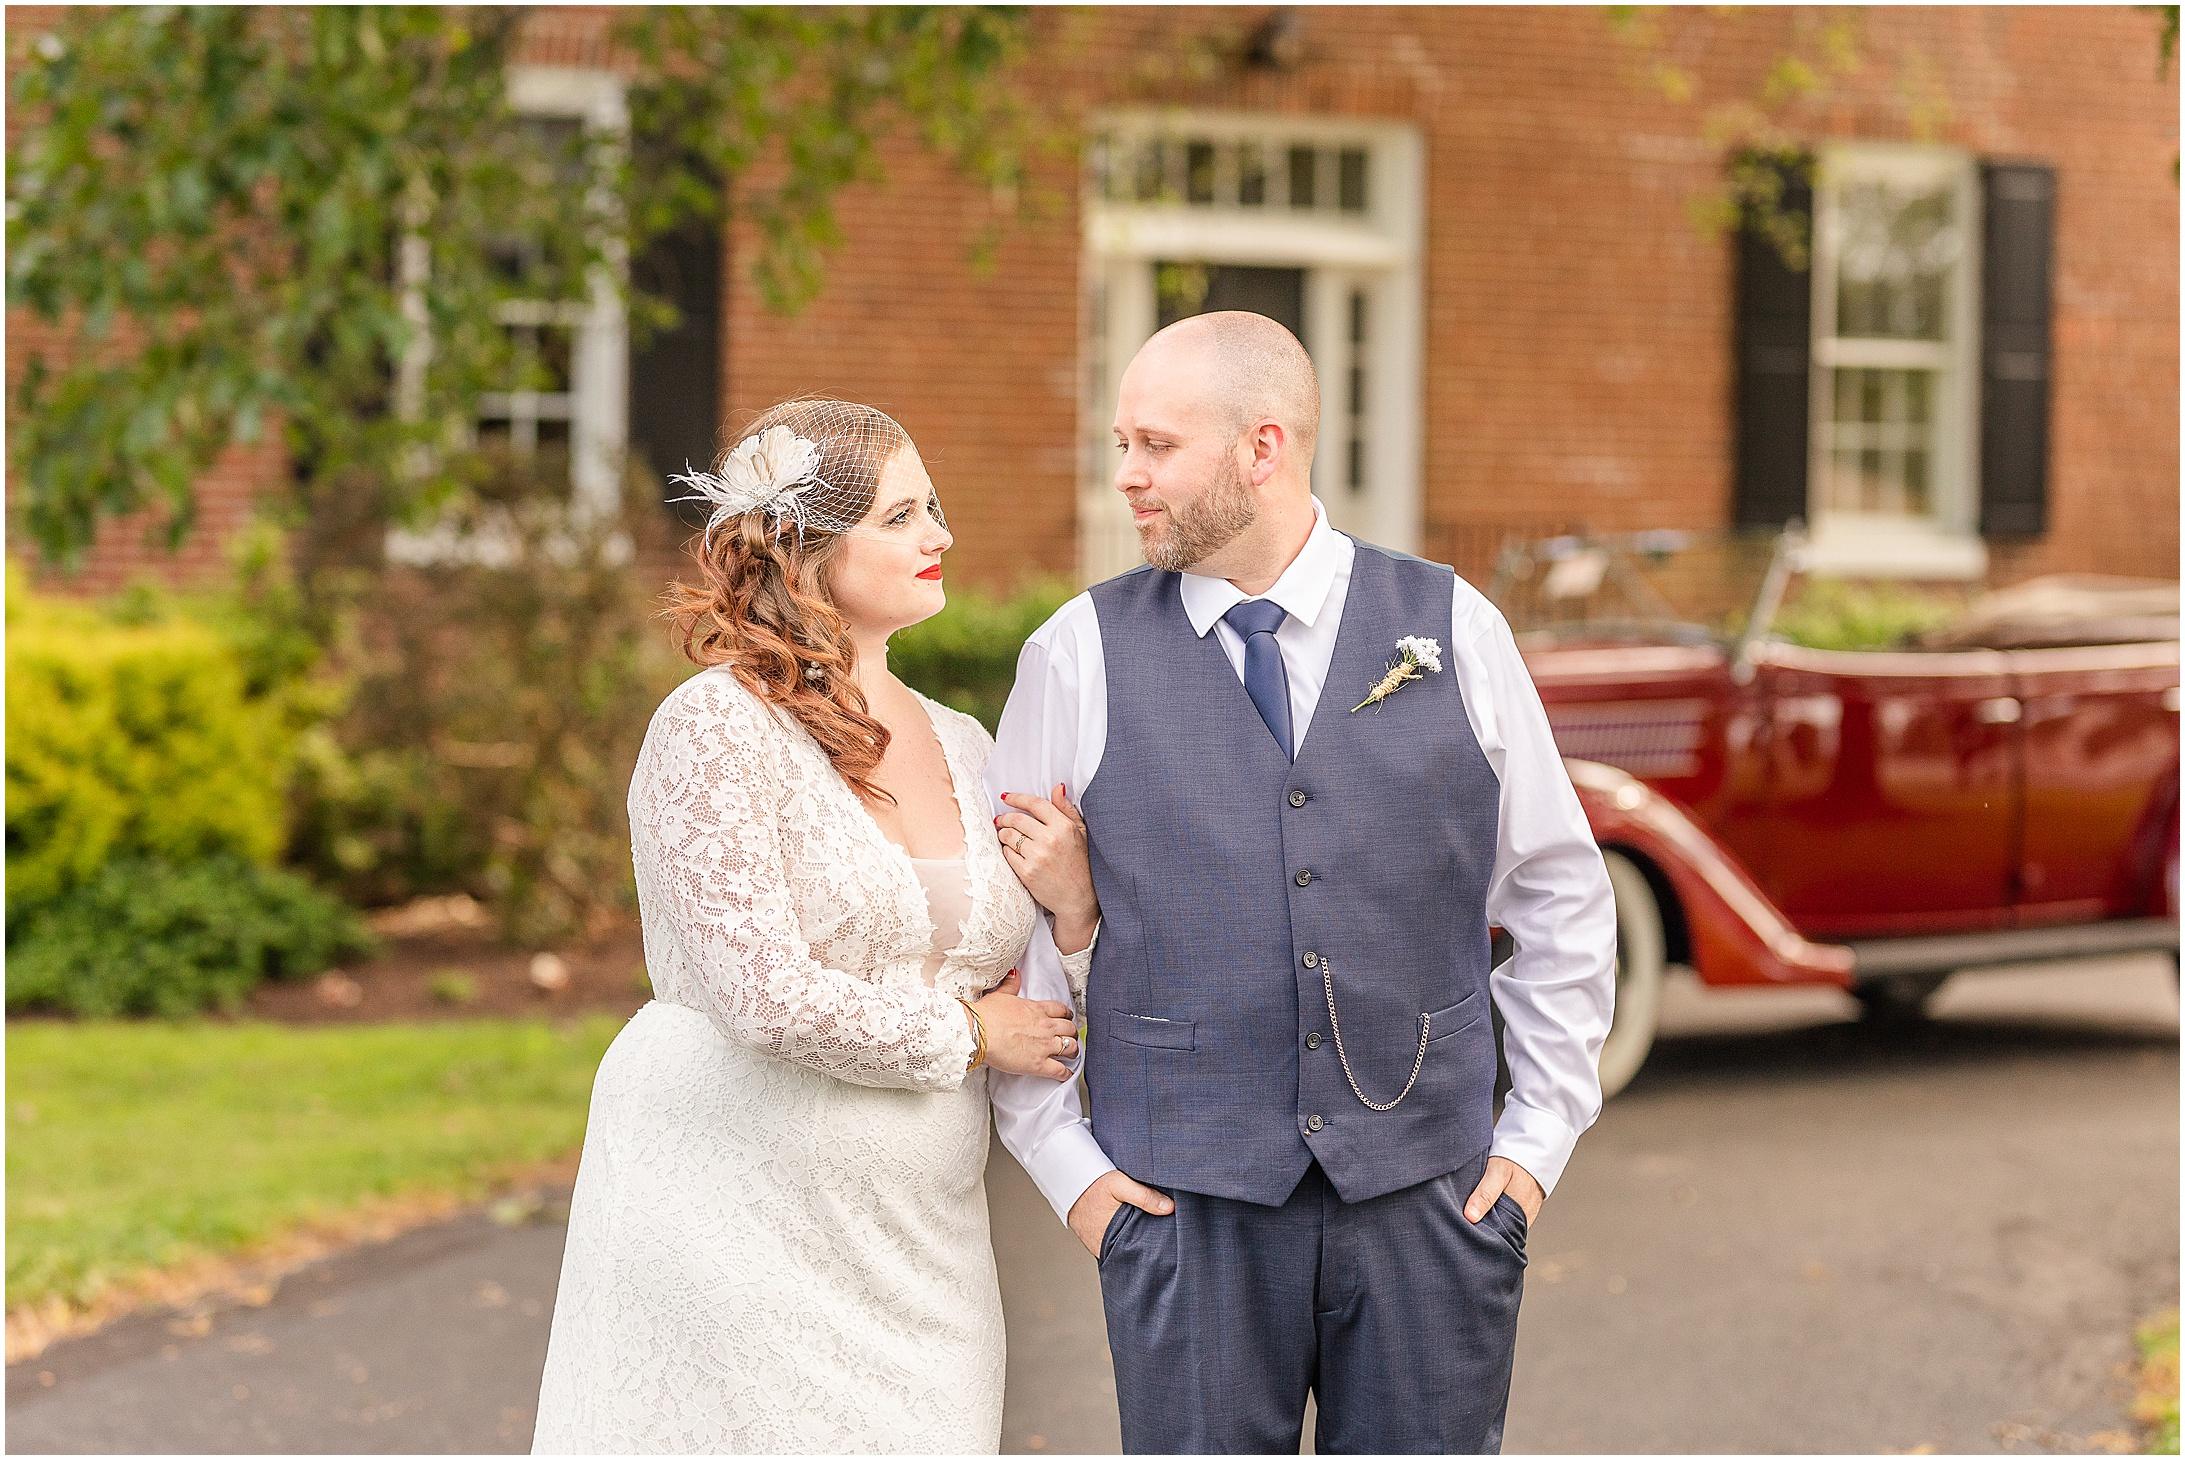 Brittland-Estates-Wedding-Photos_0492.jpg